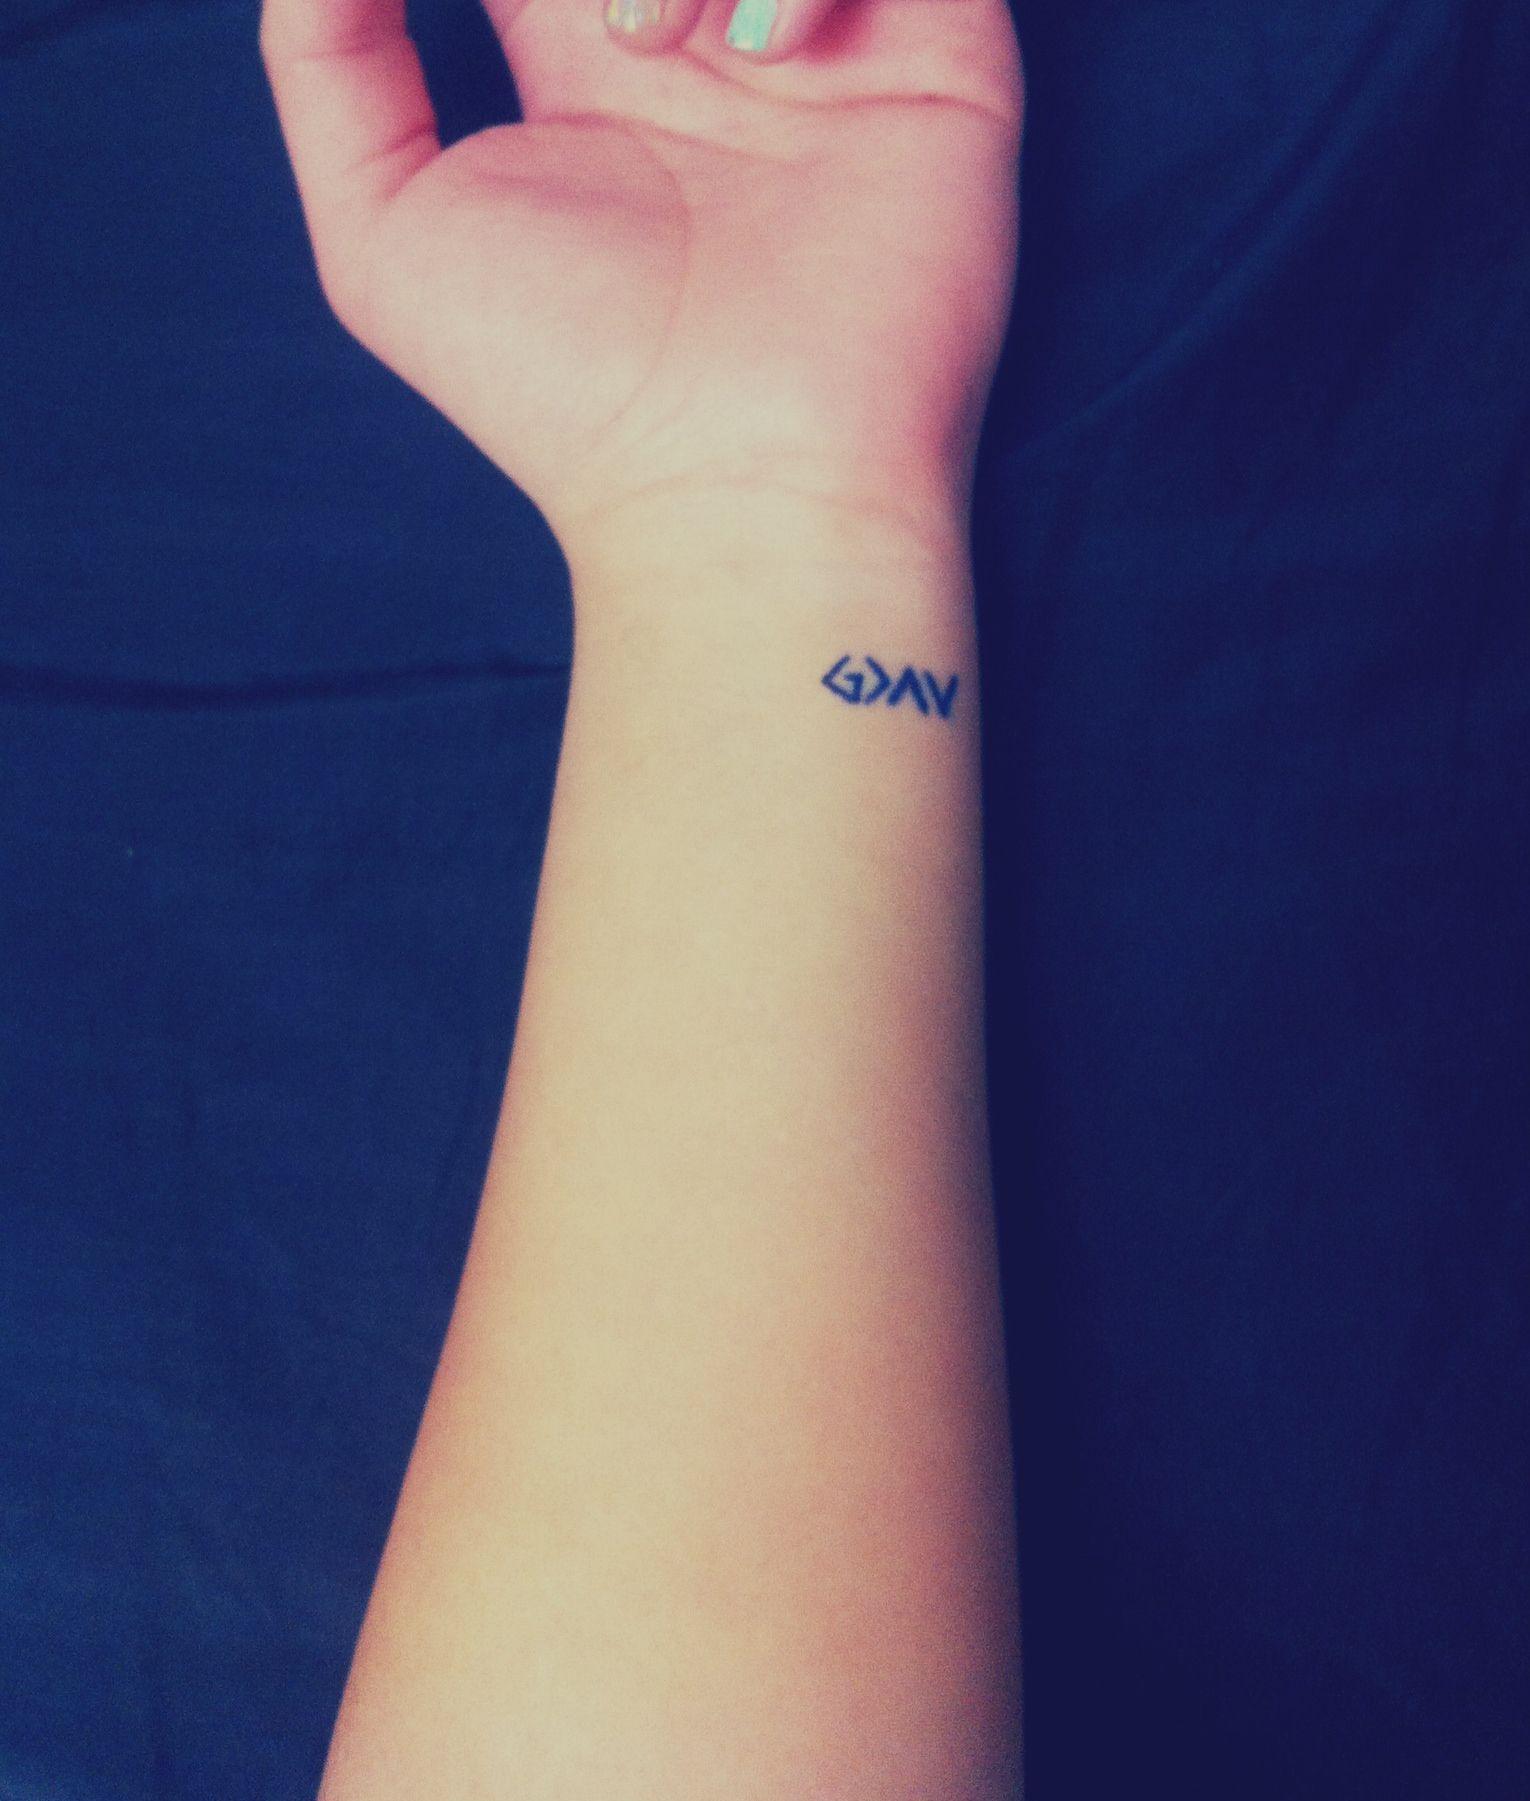 Pin By Devan Nieto On Tatted Tattoos Small Tattoos Minimal Tattoo